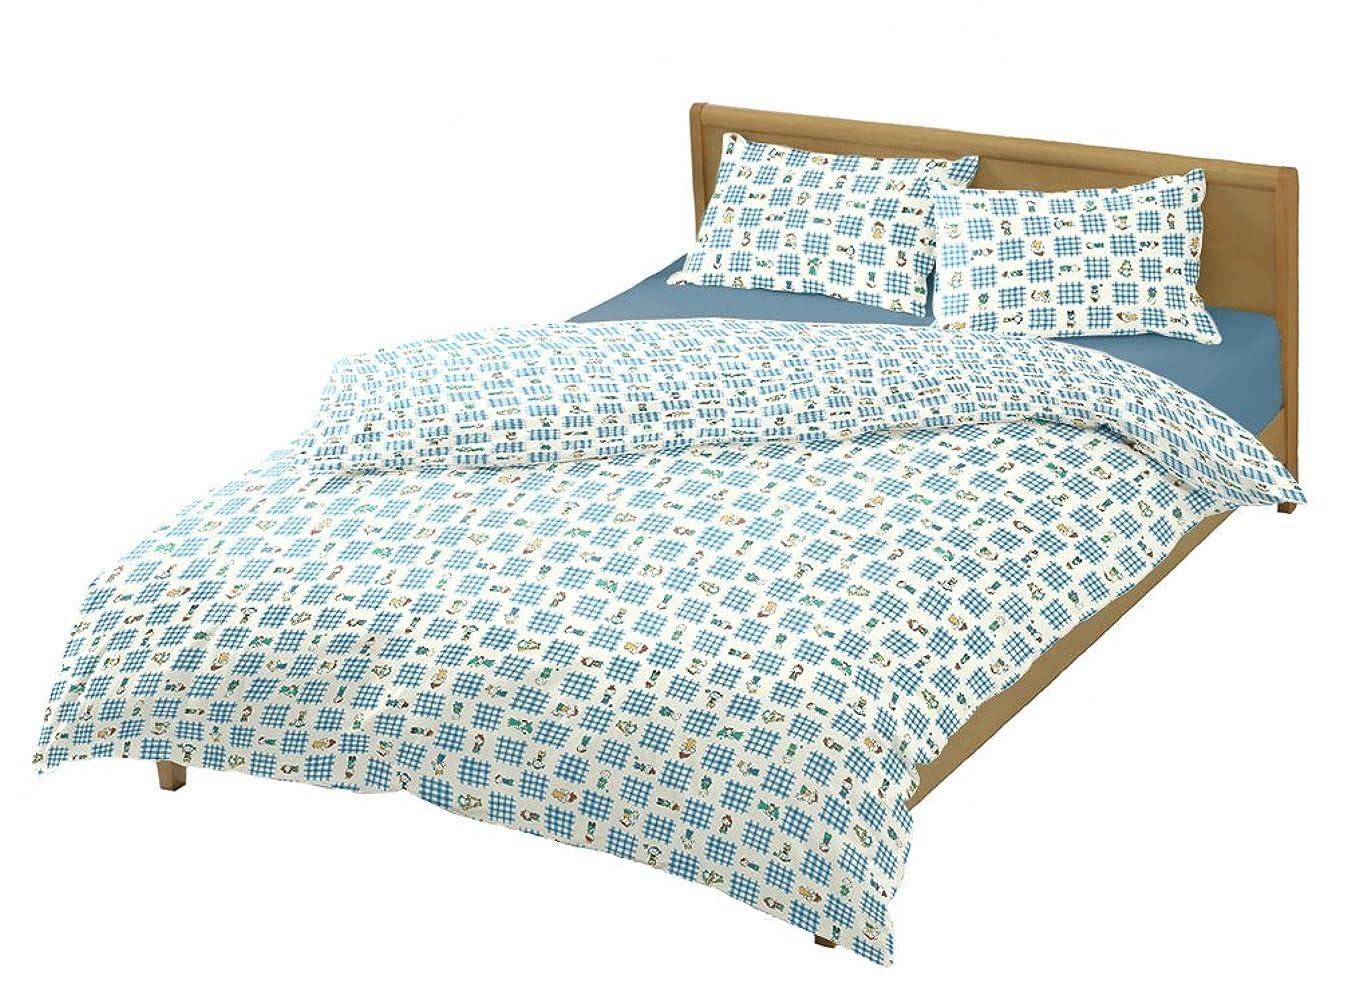 降下平和的自動化岩本繊維 チェックキッズ 枕カバー 43×63 まくらカバー ファスナー式 ブルー